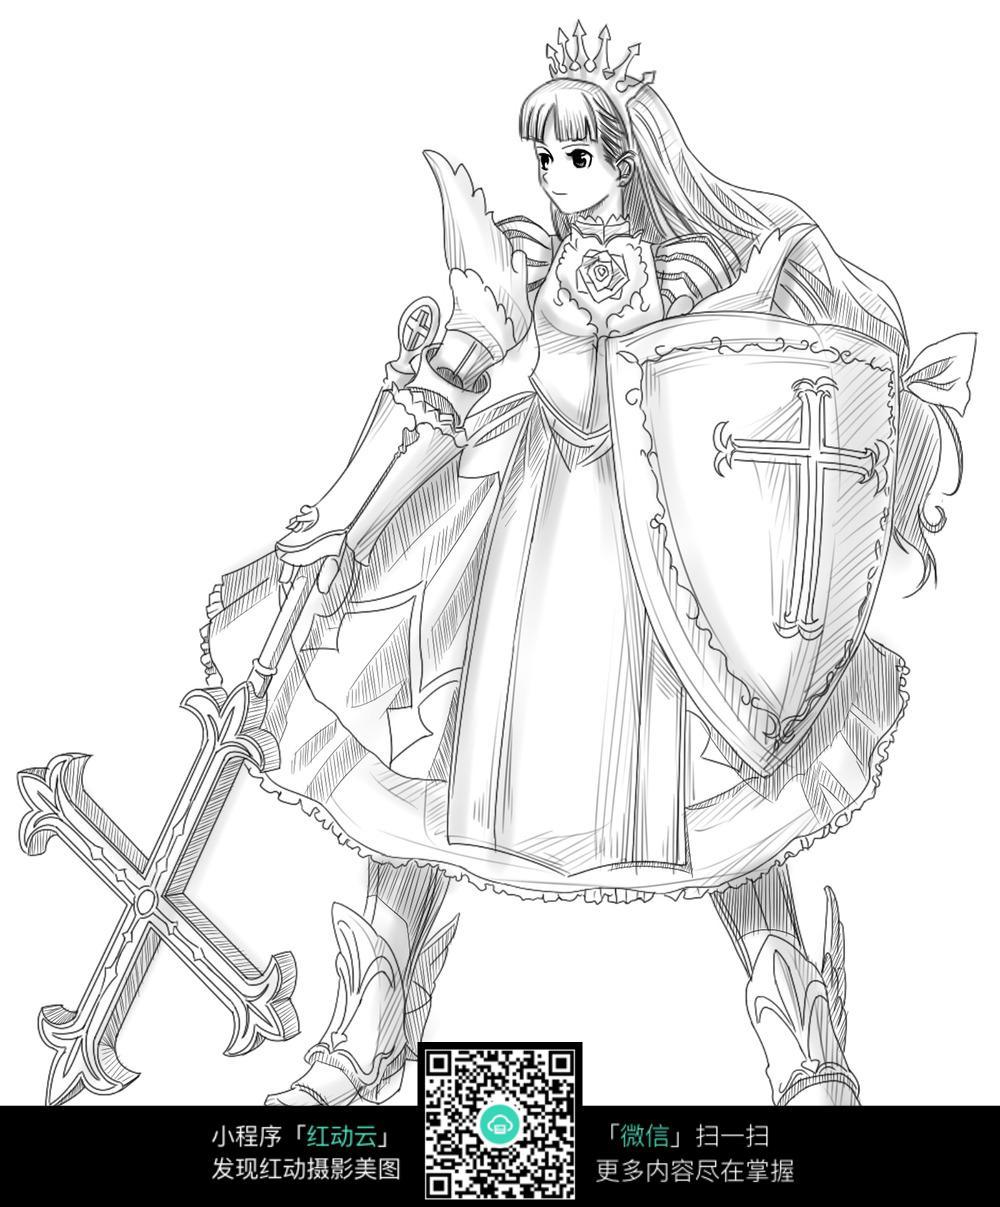 女子 盾牌 卡通 手绘线稿 卡通人物 手绘 线稿 漫画  卡通素材  插画